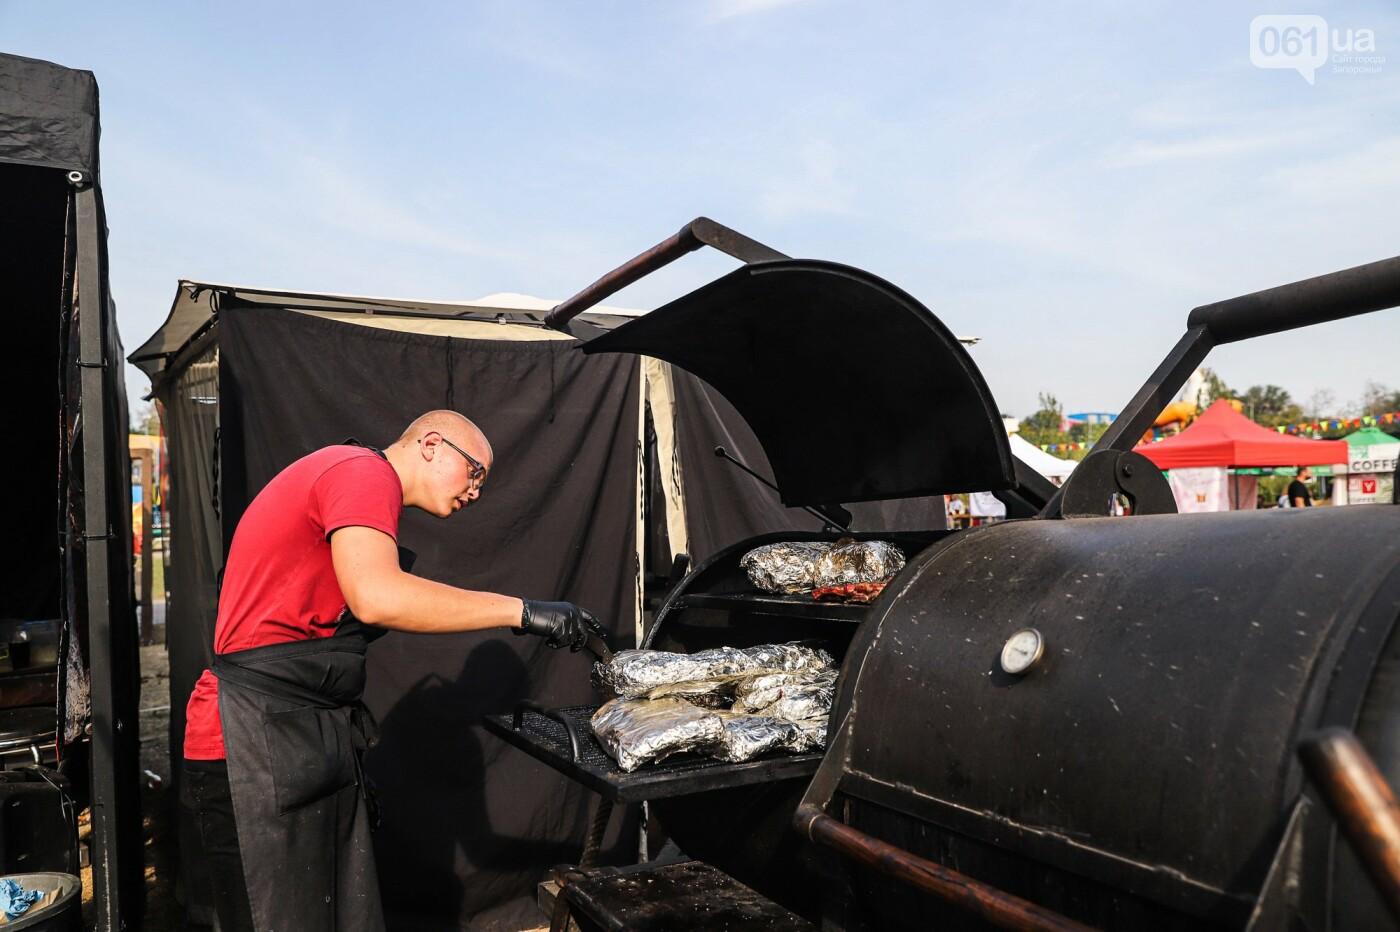 Бограч в хлебных горшочках и мясо из уникальной печи: что нового на фестивале уличной еды в Запорожье, - ФОТОРЕПОРТАЖ, фото-19